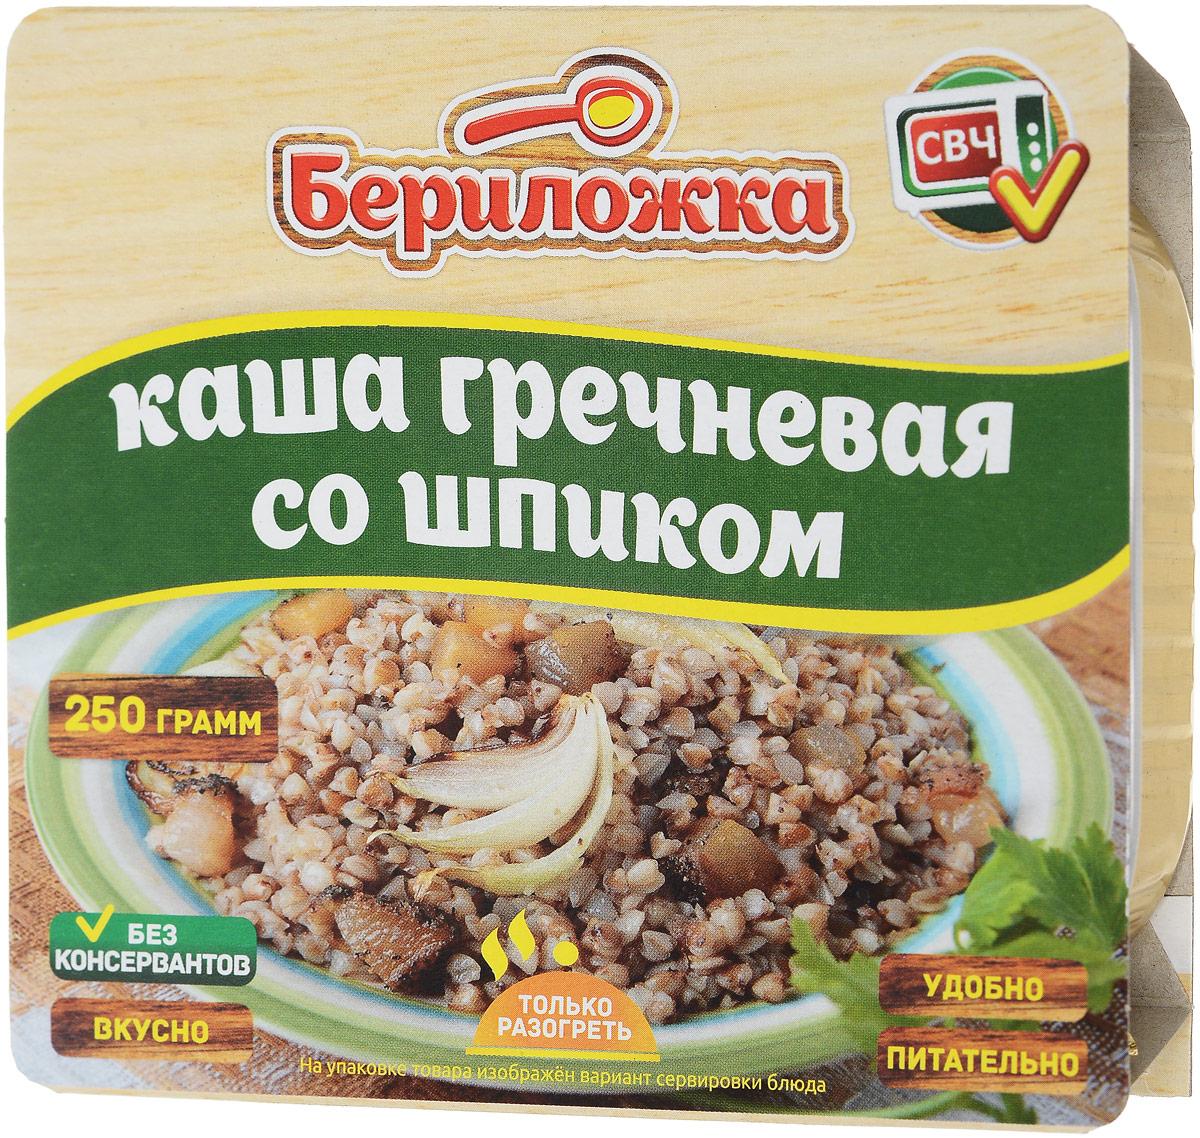 Бериложка каша гречневая со шпиком, 250 г бериложка биточки в грибном соусе 250 г